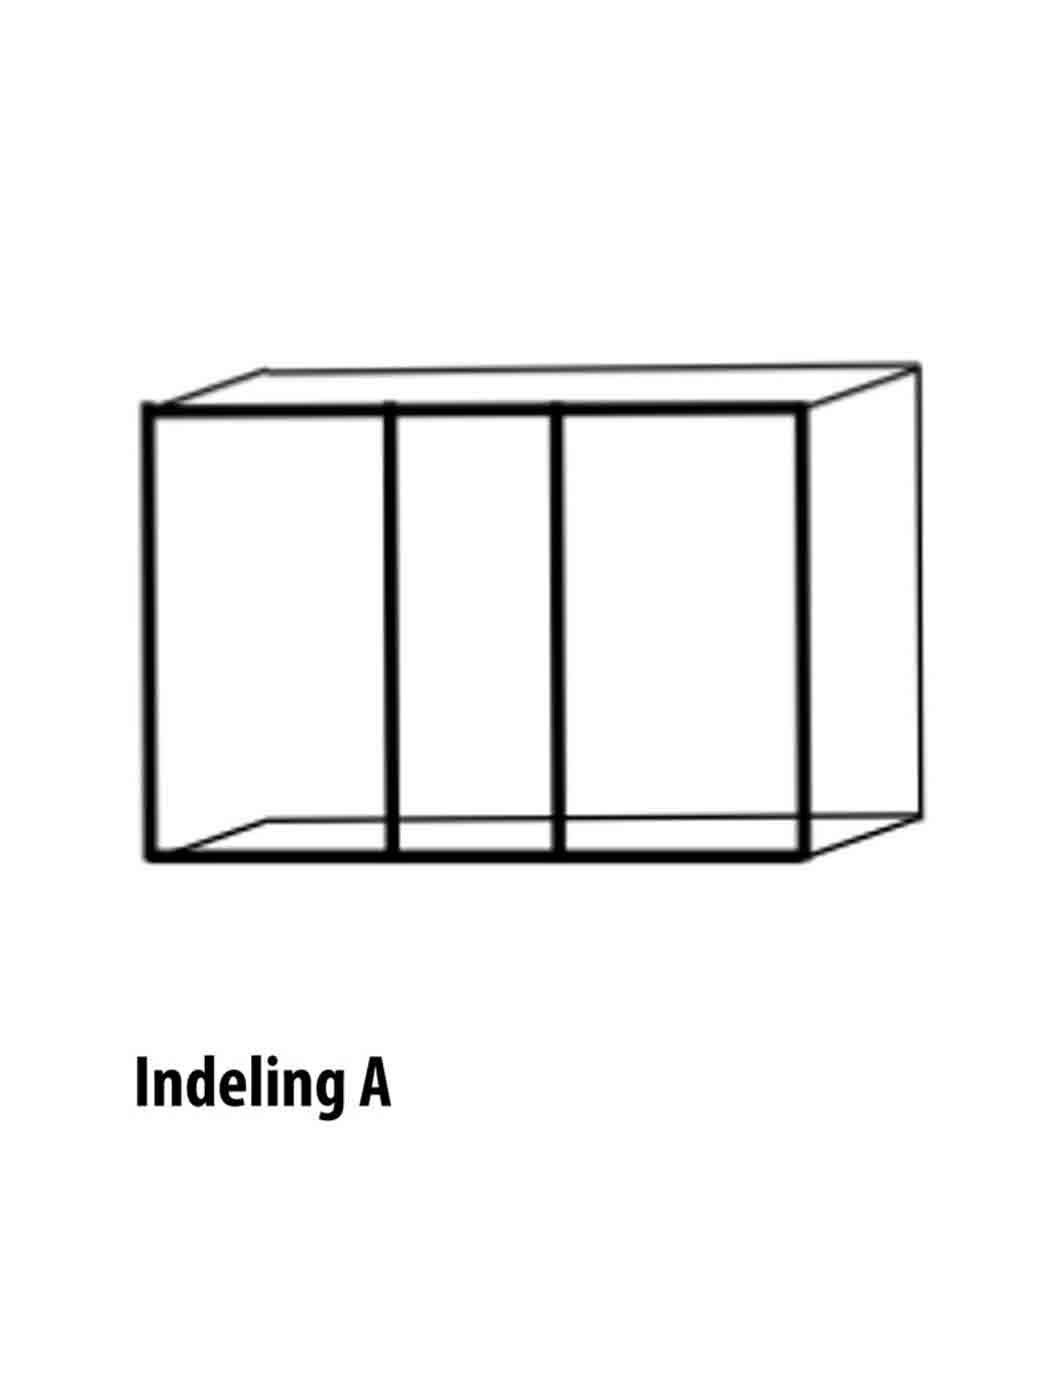 Vijfdeurs-Indeling-A